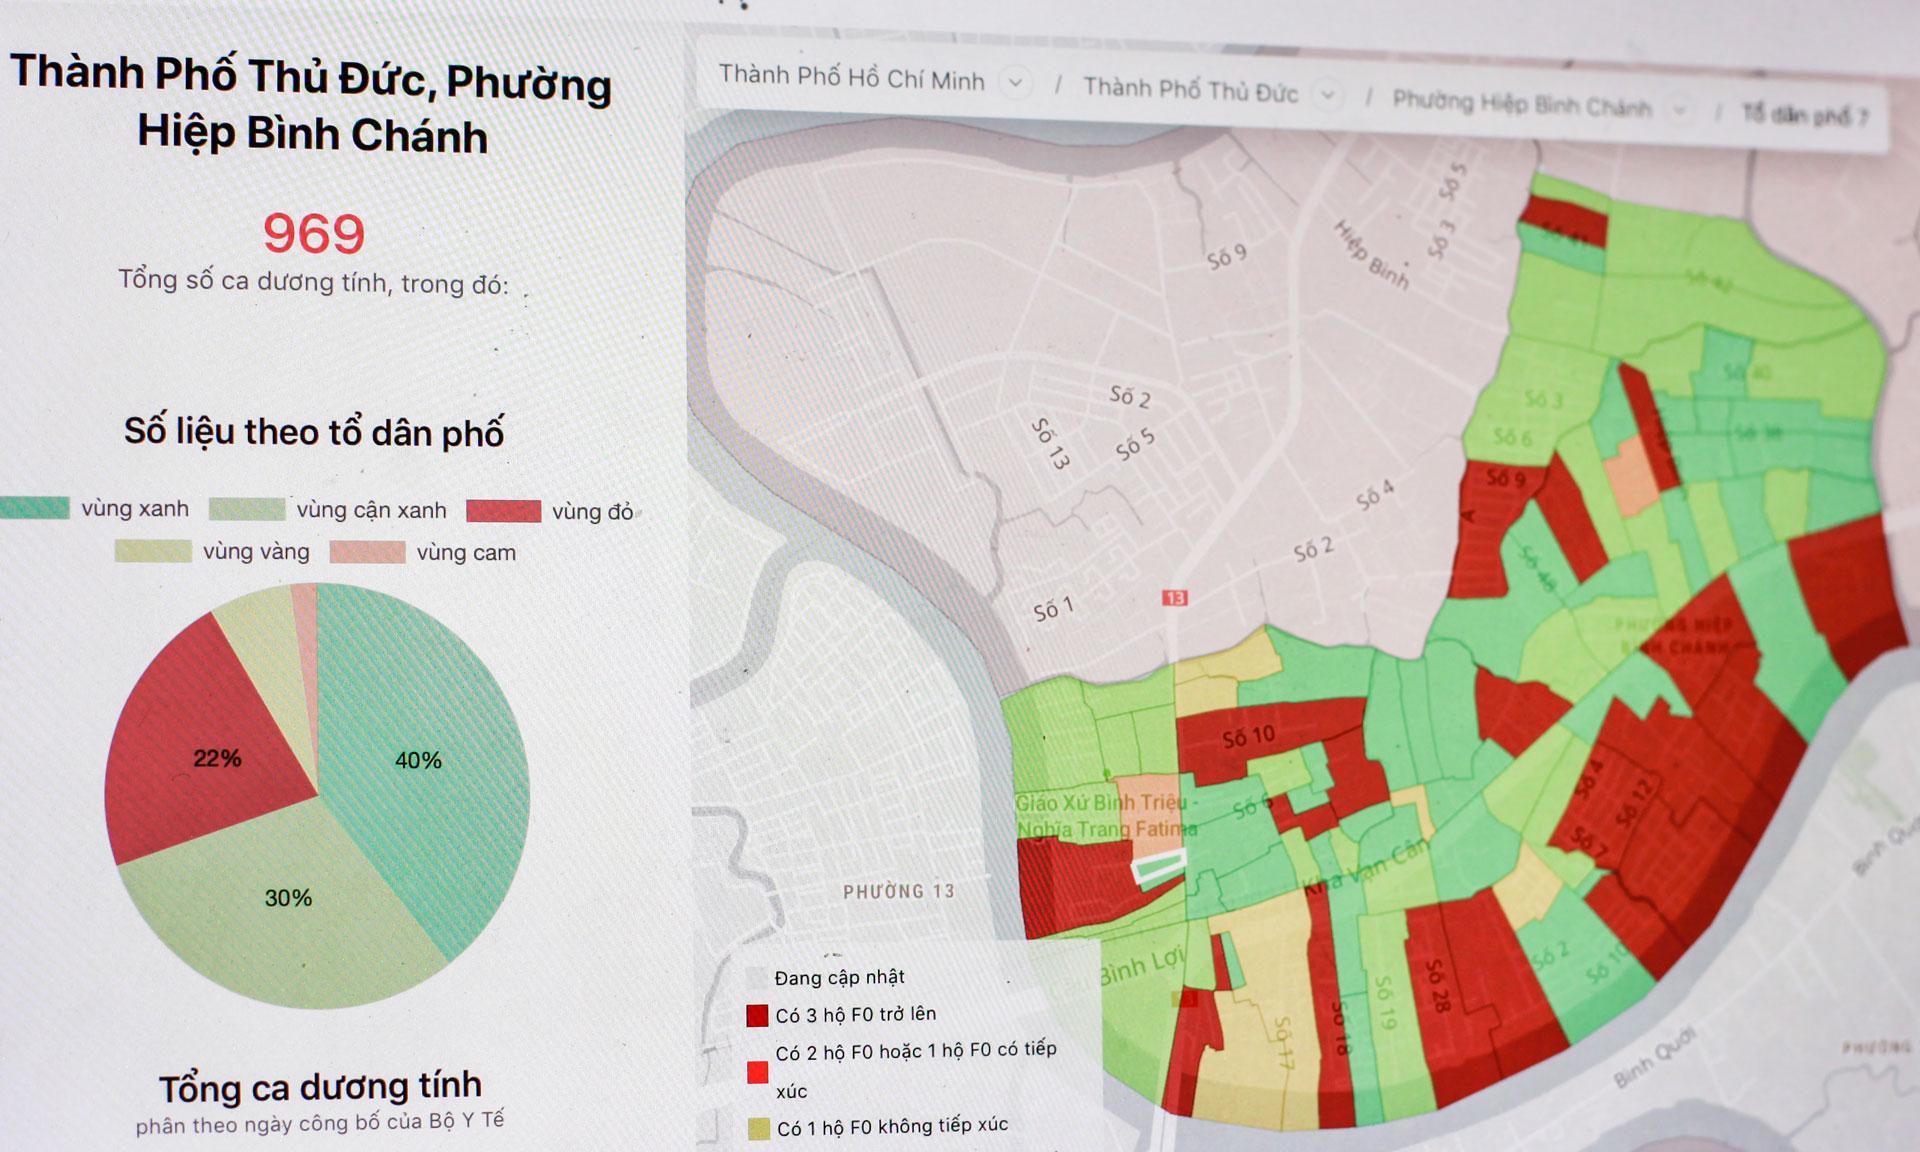 Cách xem mình ở vùng xanh hay đỏ trên bản đồ Covid-19